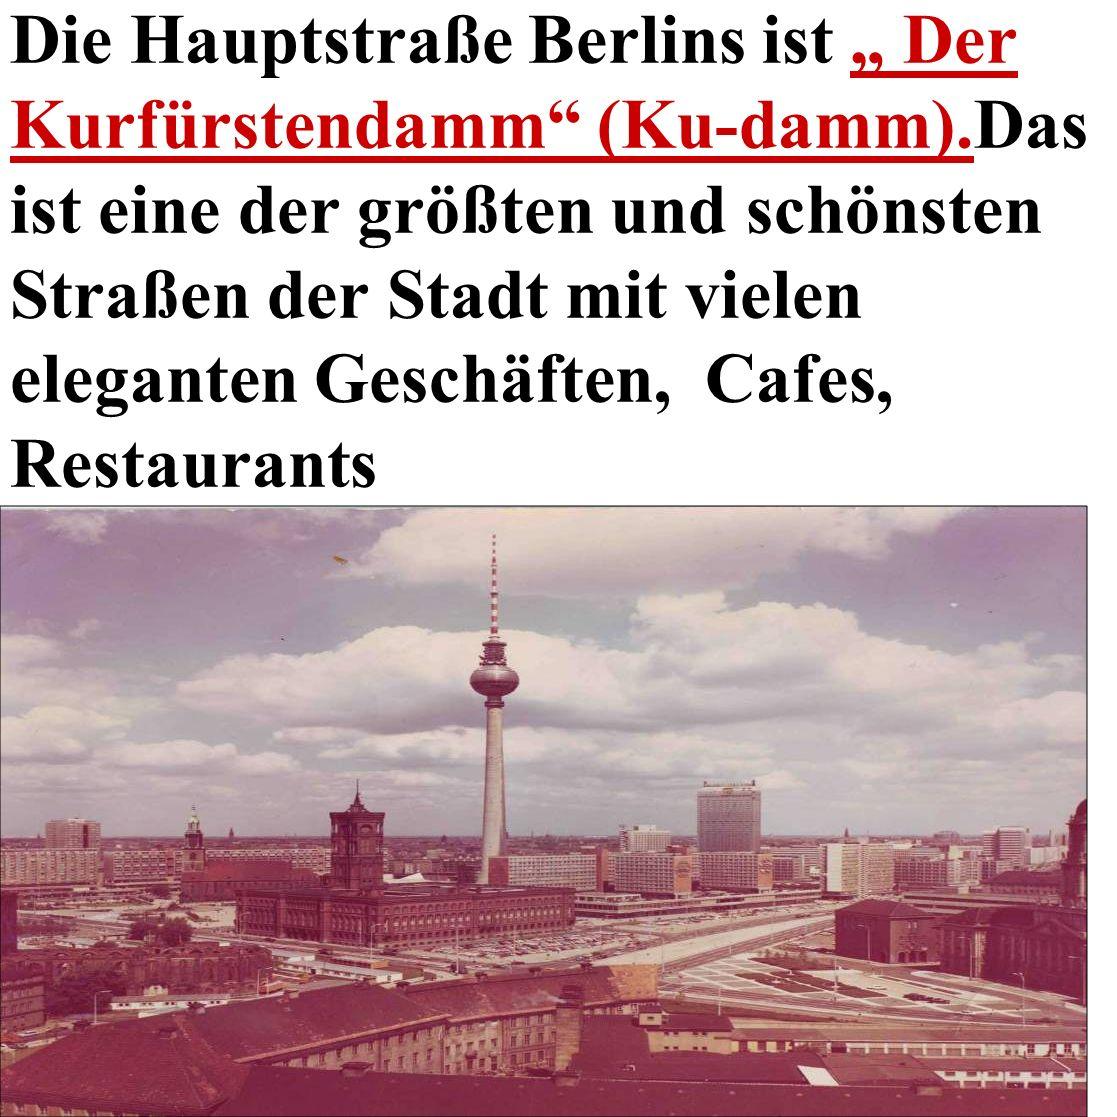 """Die Hauptstraße Berlins ist """" Der Kurfürstendamm (Ku-damm)"""